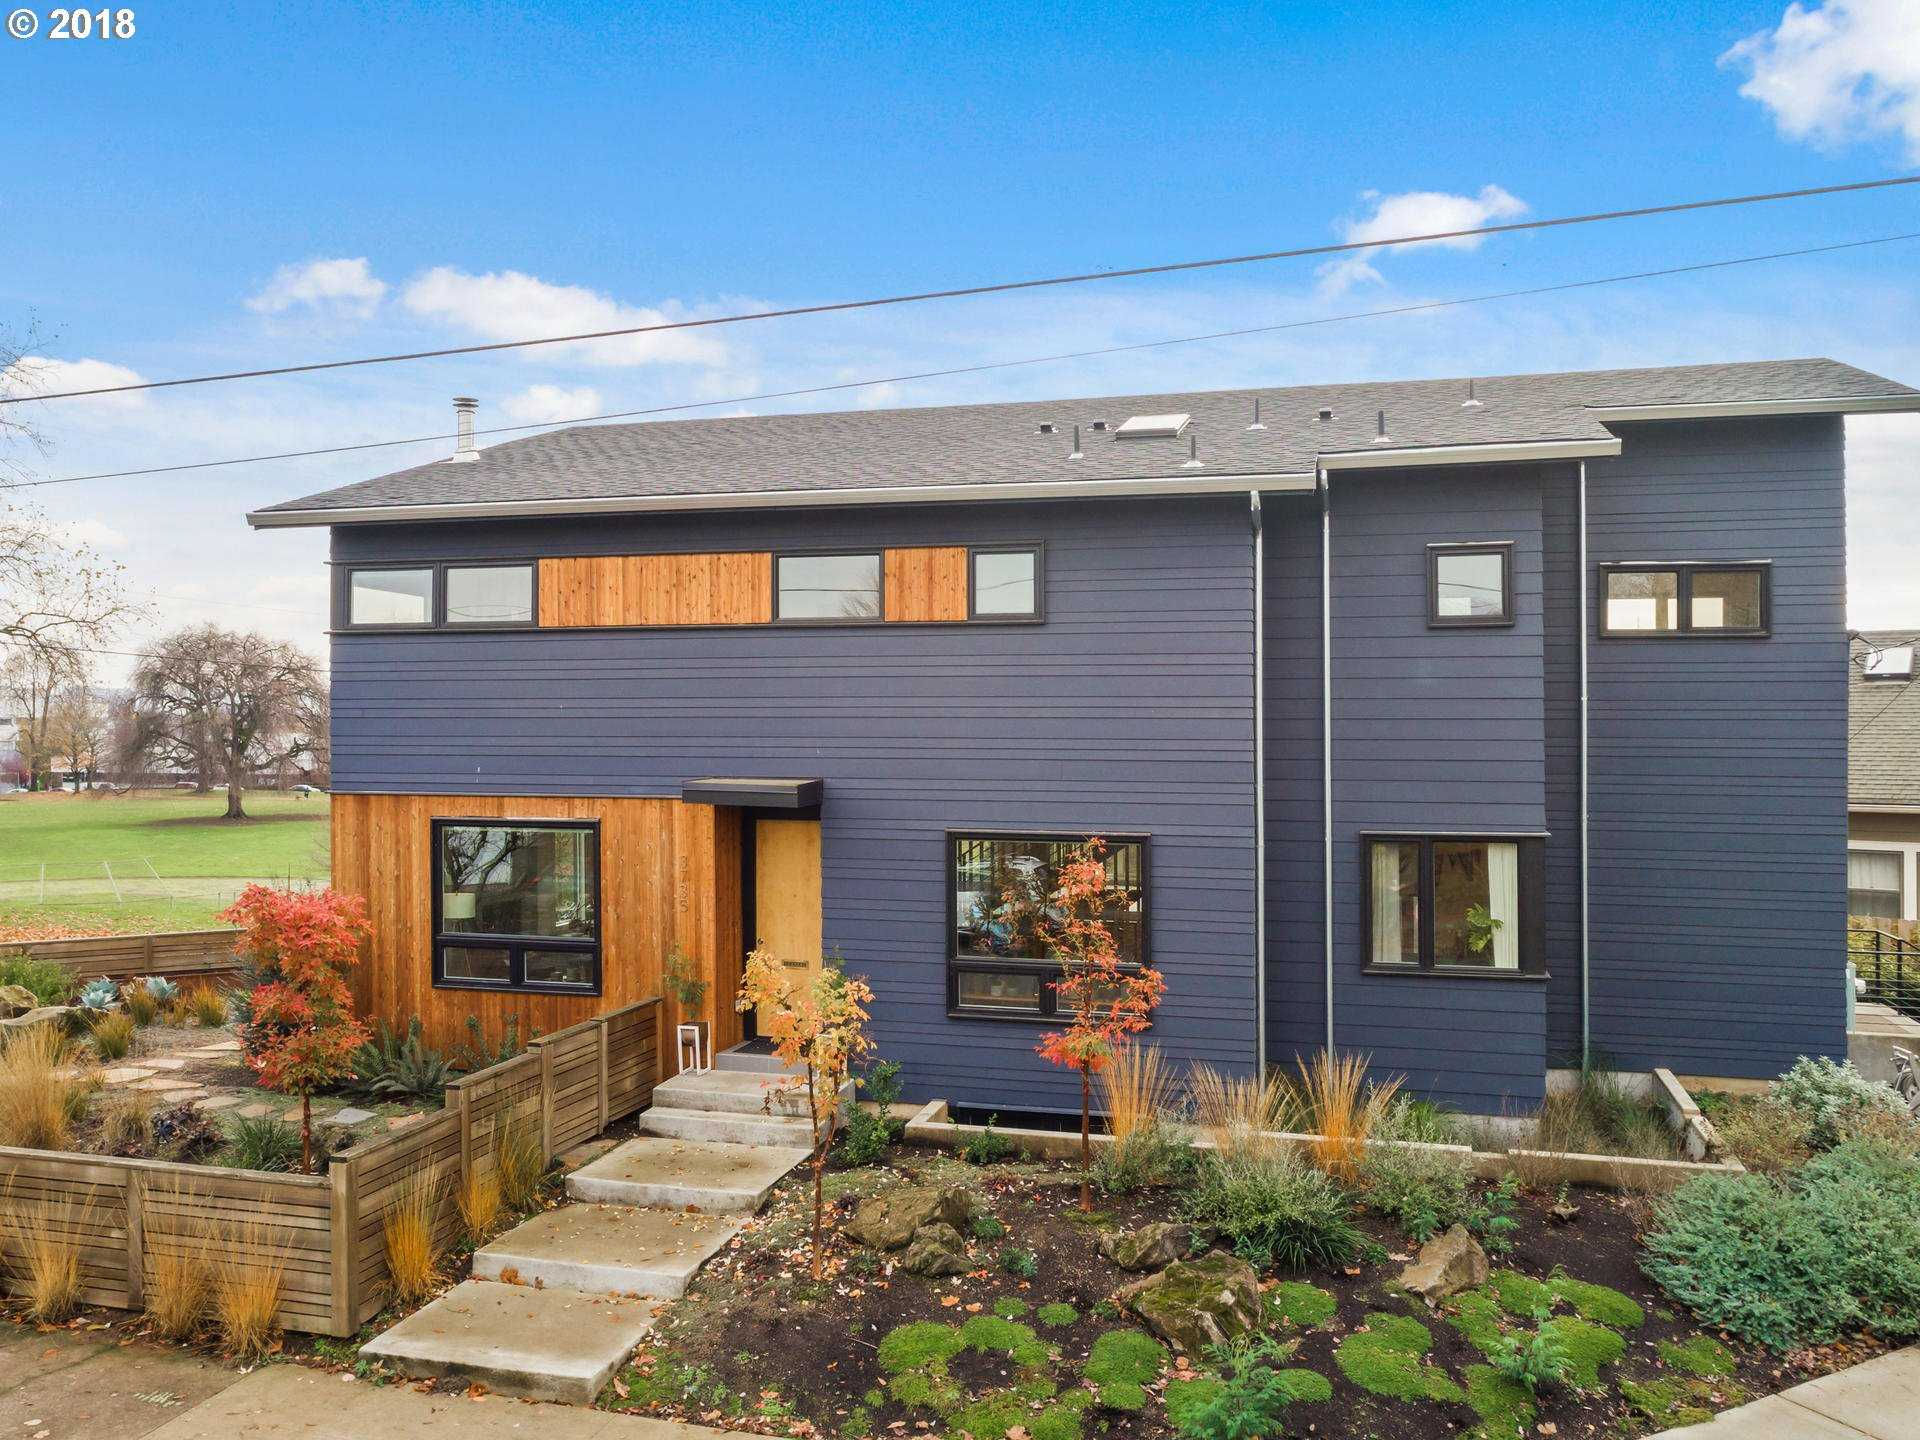 $1,290,000 - 4Br/4Ba -  for Sale in Overlook / Overlook Park, Portland